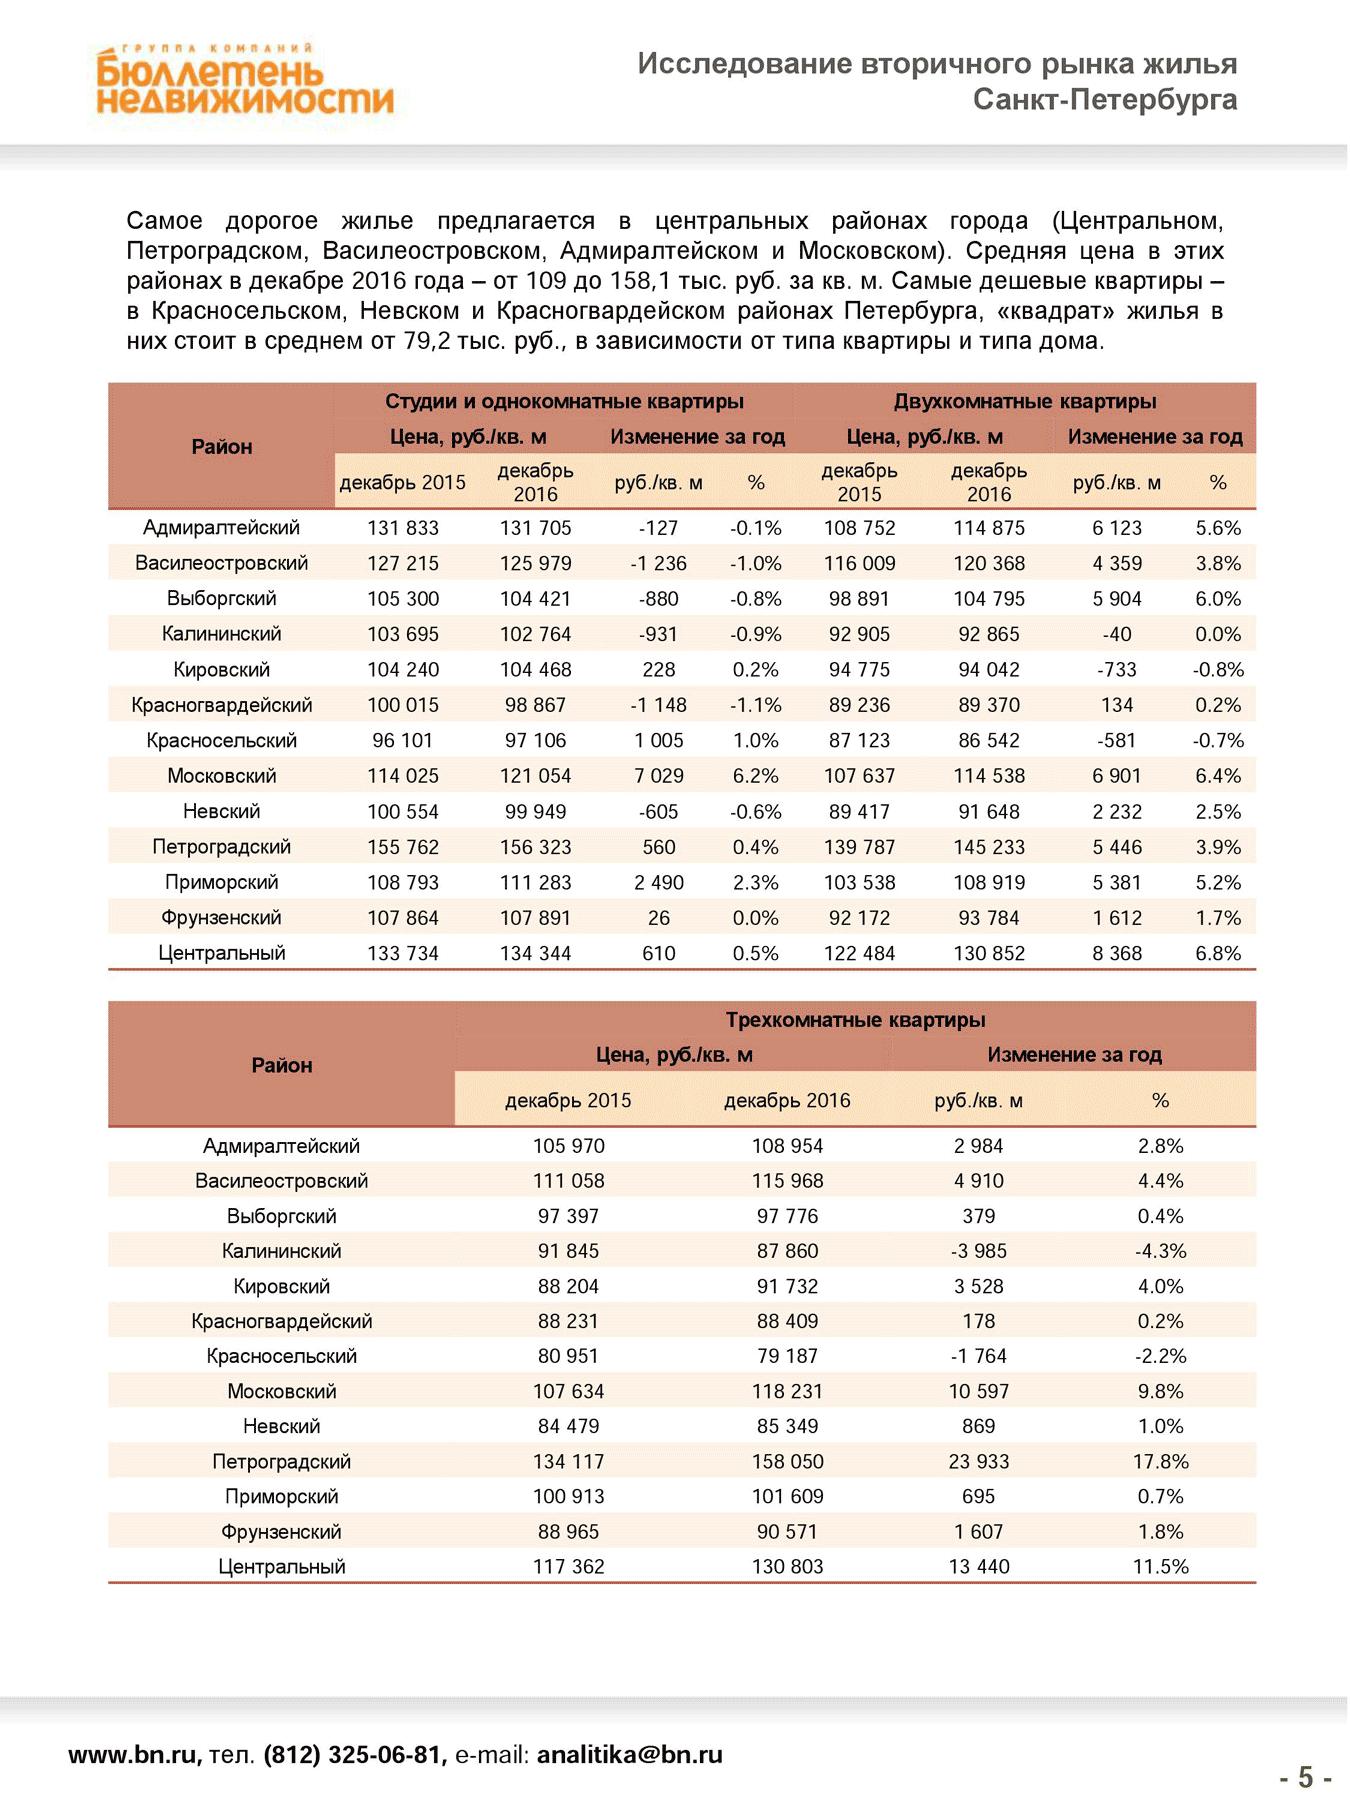 Оценщики используют исследования и данные с порталов недвижимости. Это страница исследования с сайта {«Бюллетень недвижимости»}(http://www.bn.ru/graphs/report.php)